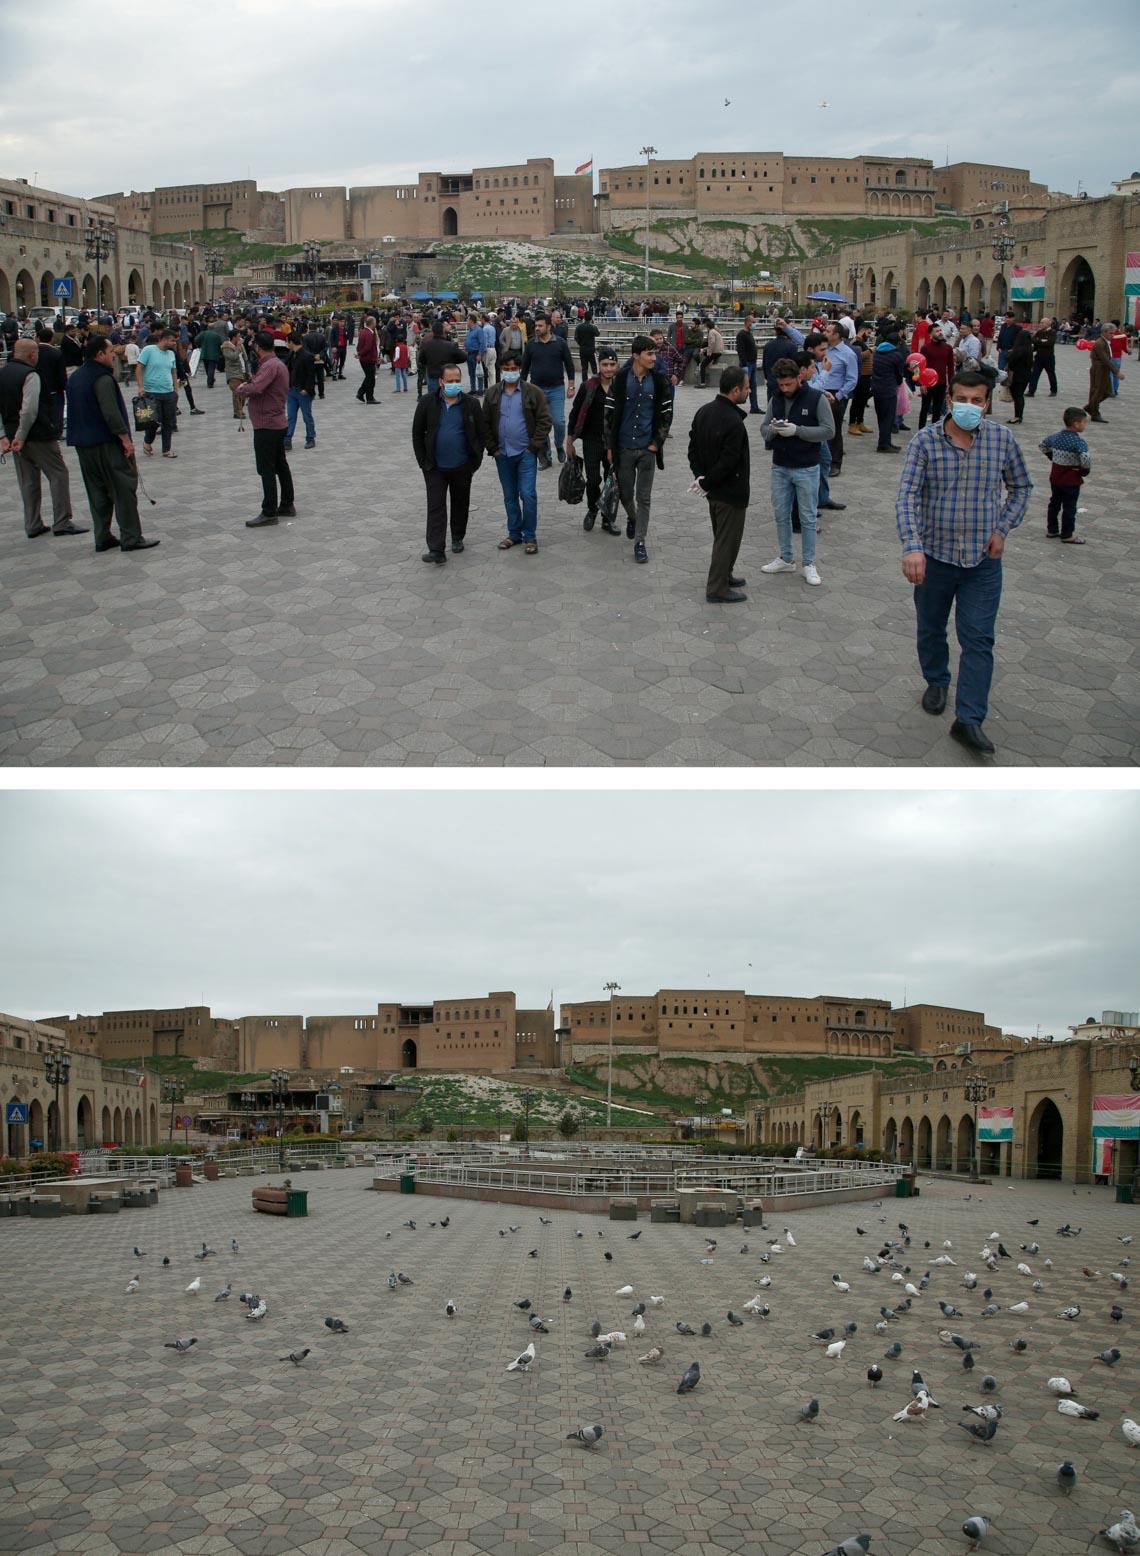 Chùm ảnh: Thế giới trước và sau cơn sóng thần COVID-19 -11